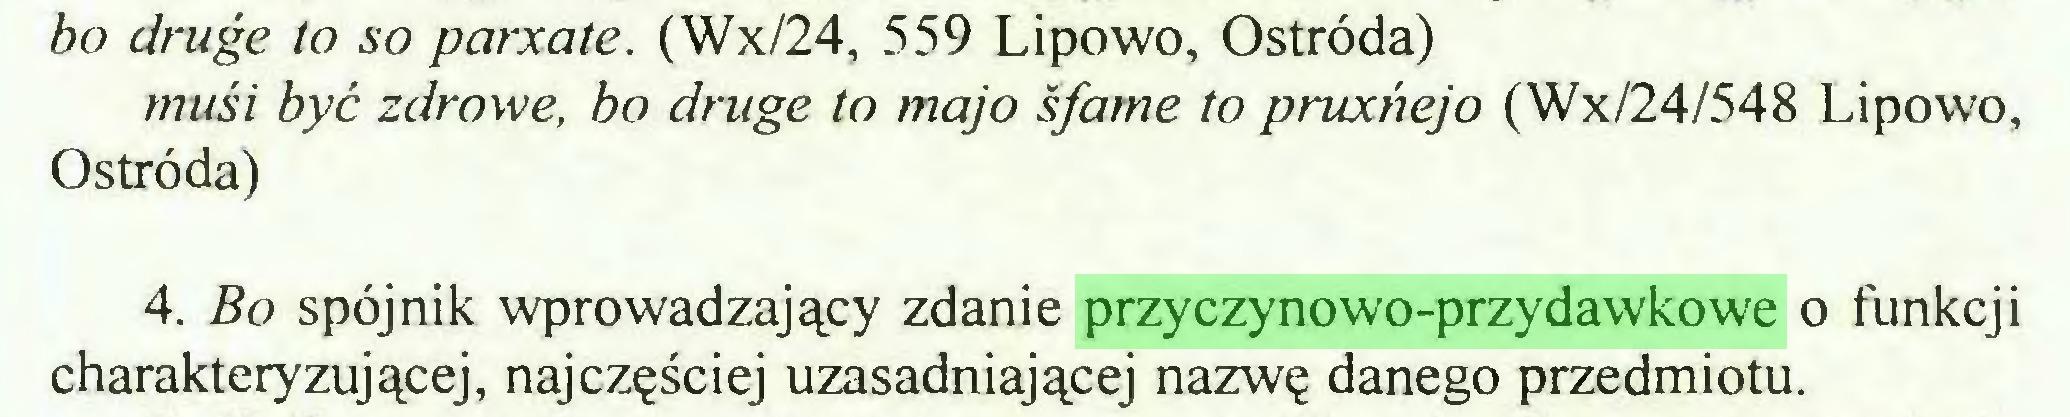 (...) bo druge to so parxate. (Wx/24, 559 Lipowo, Ostróda) muśi być zdrowe, bo druge to majo śfame to pruxńejo (Wx/24/548 Lipowo, Ostróda) 4. Bo spójnik wprowadzający zdanie przyczynowo-przydawkowe o funkcji charakteryzującej, najczęściej uzasadniającej nazwę danego przedmiotu...